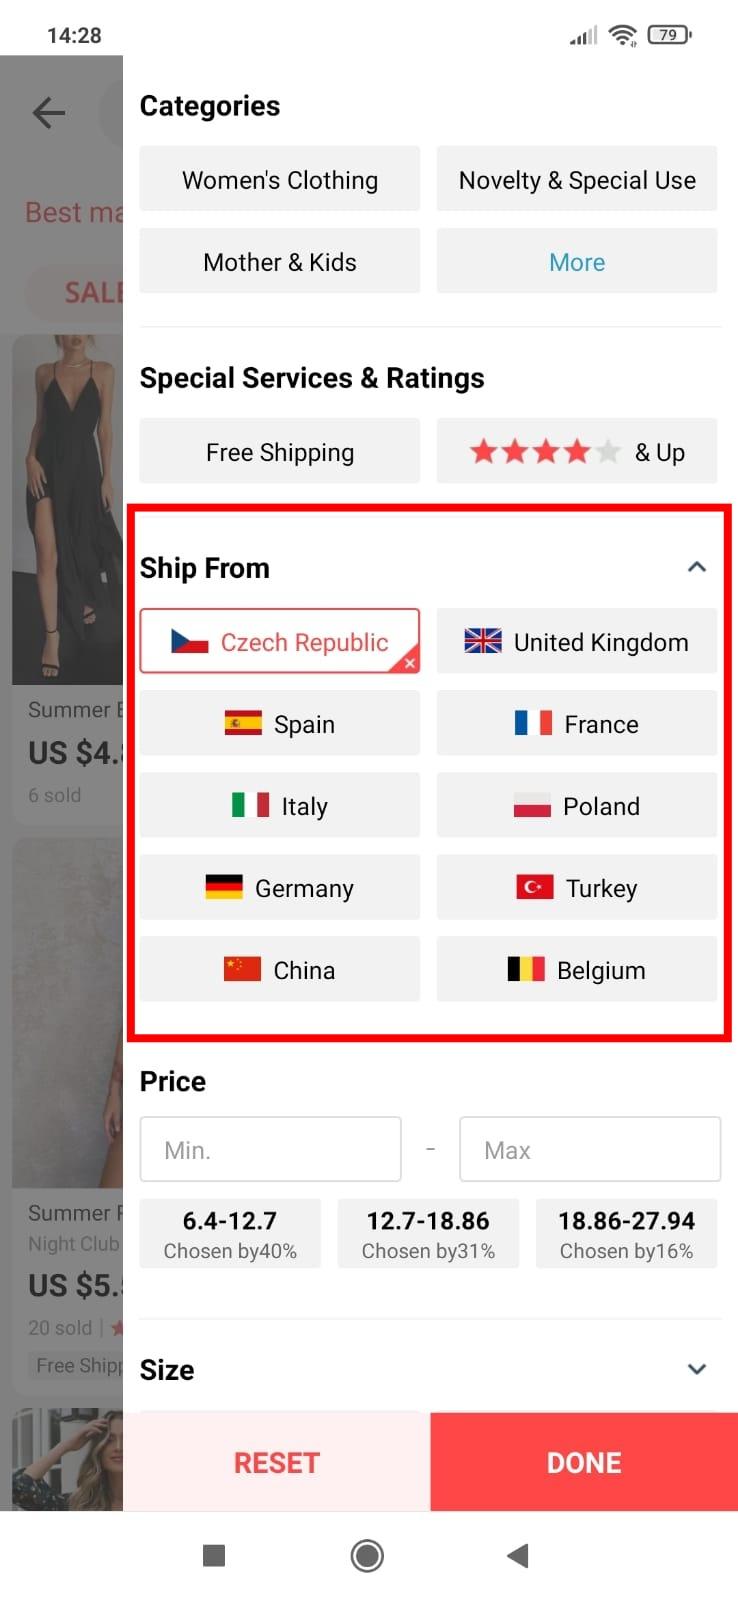 Jak vyhledat Evropsky sklad Aliexpress mobilni aplikace a